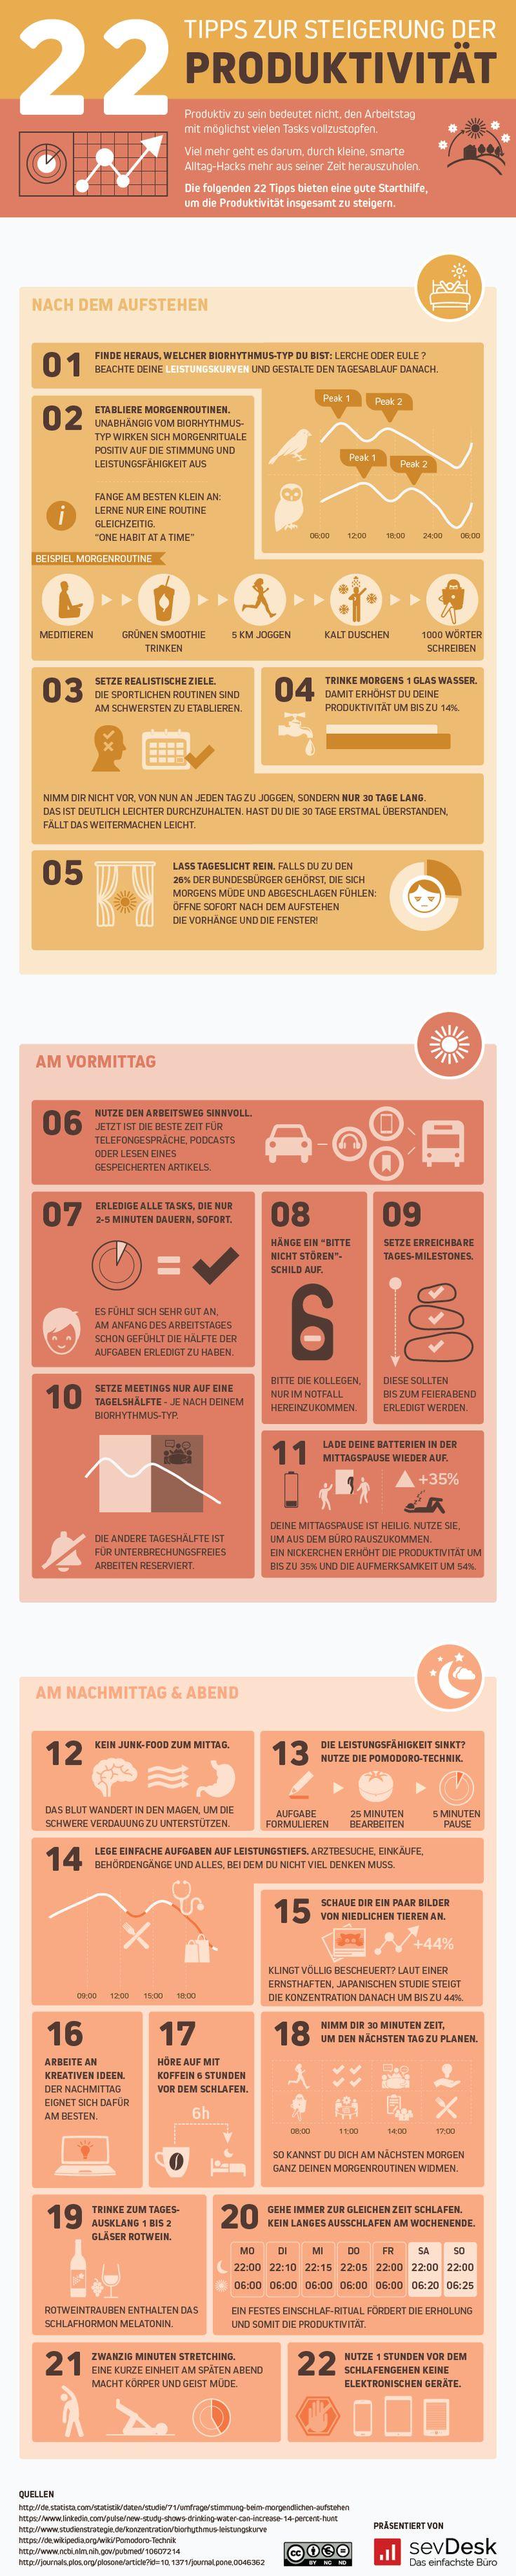 22 Tipps zur Steigerung der Produktivität!